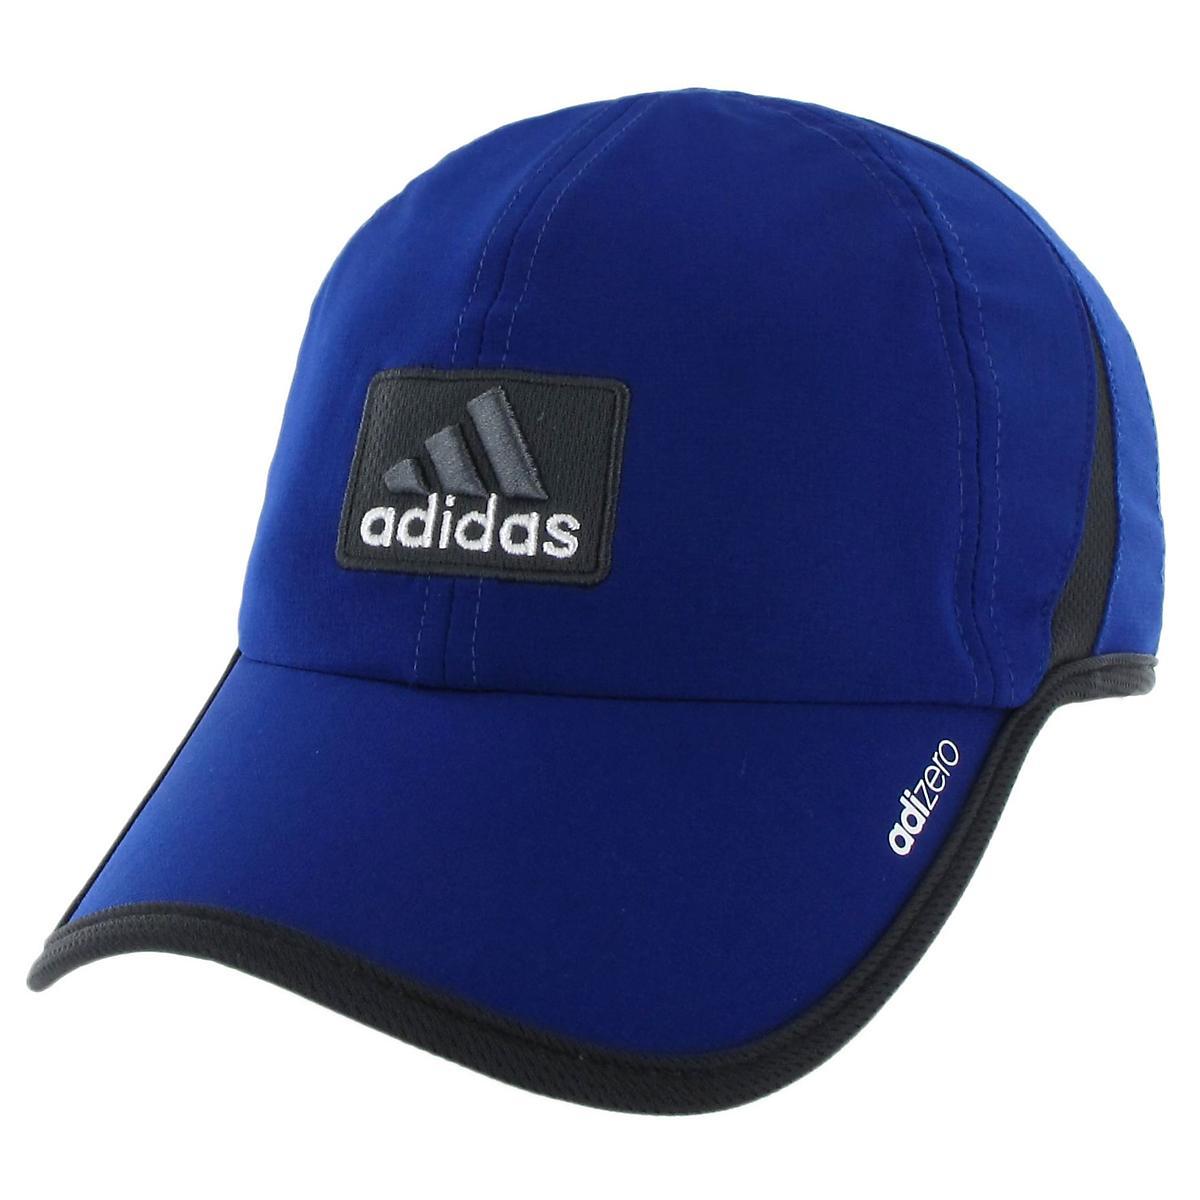 Men's adidas�adiZero II Cap